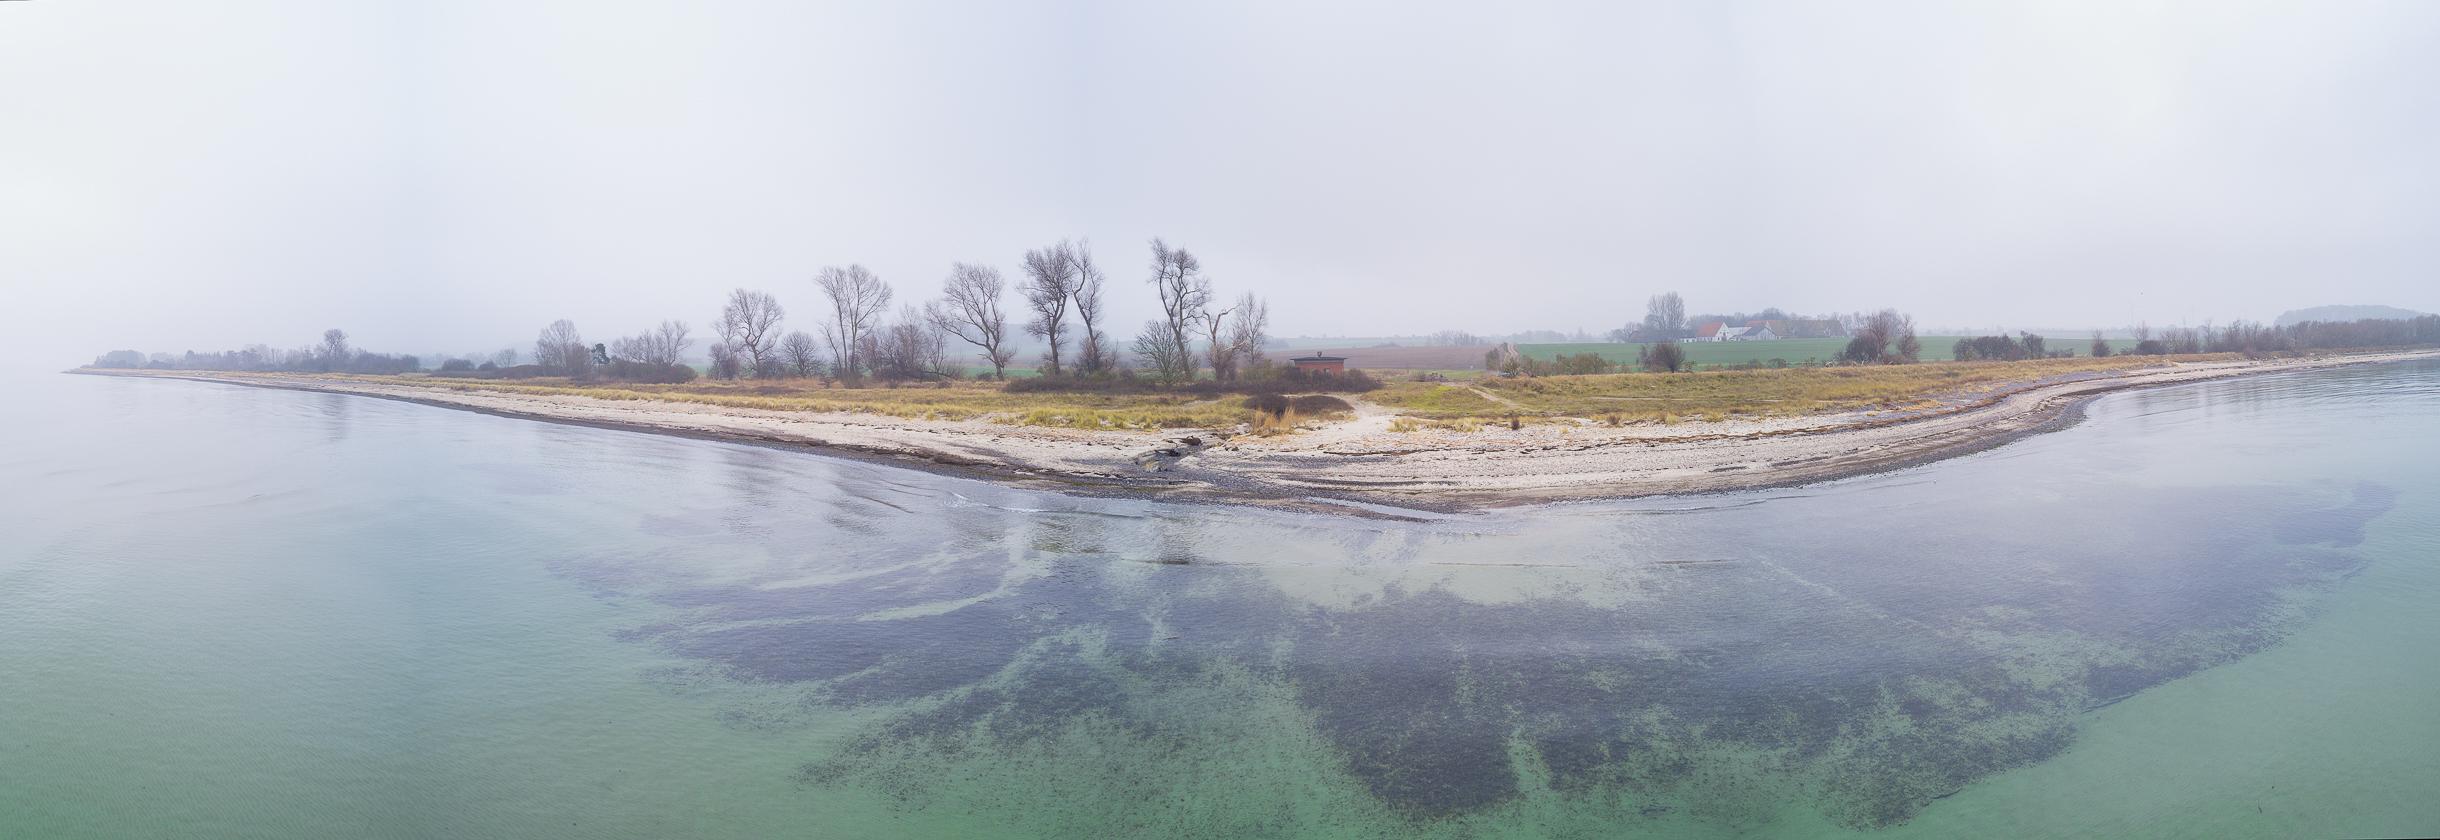 Spejlsby strand